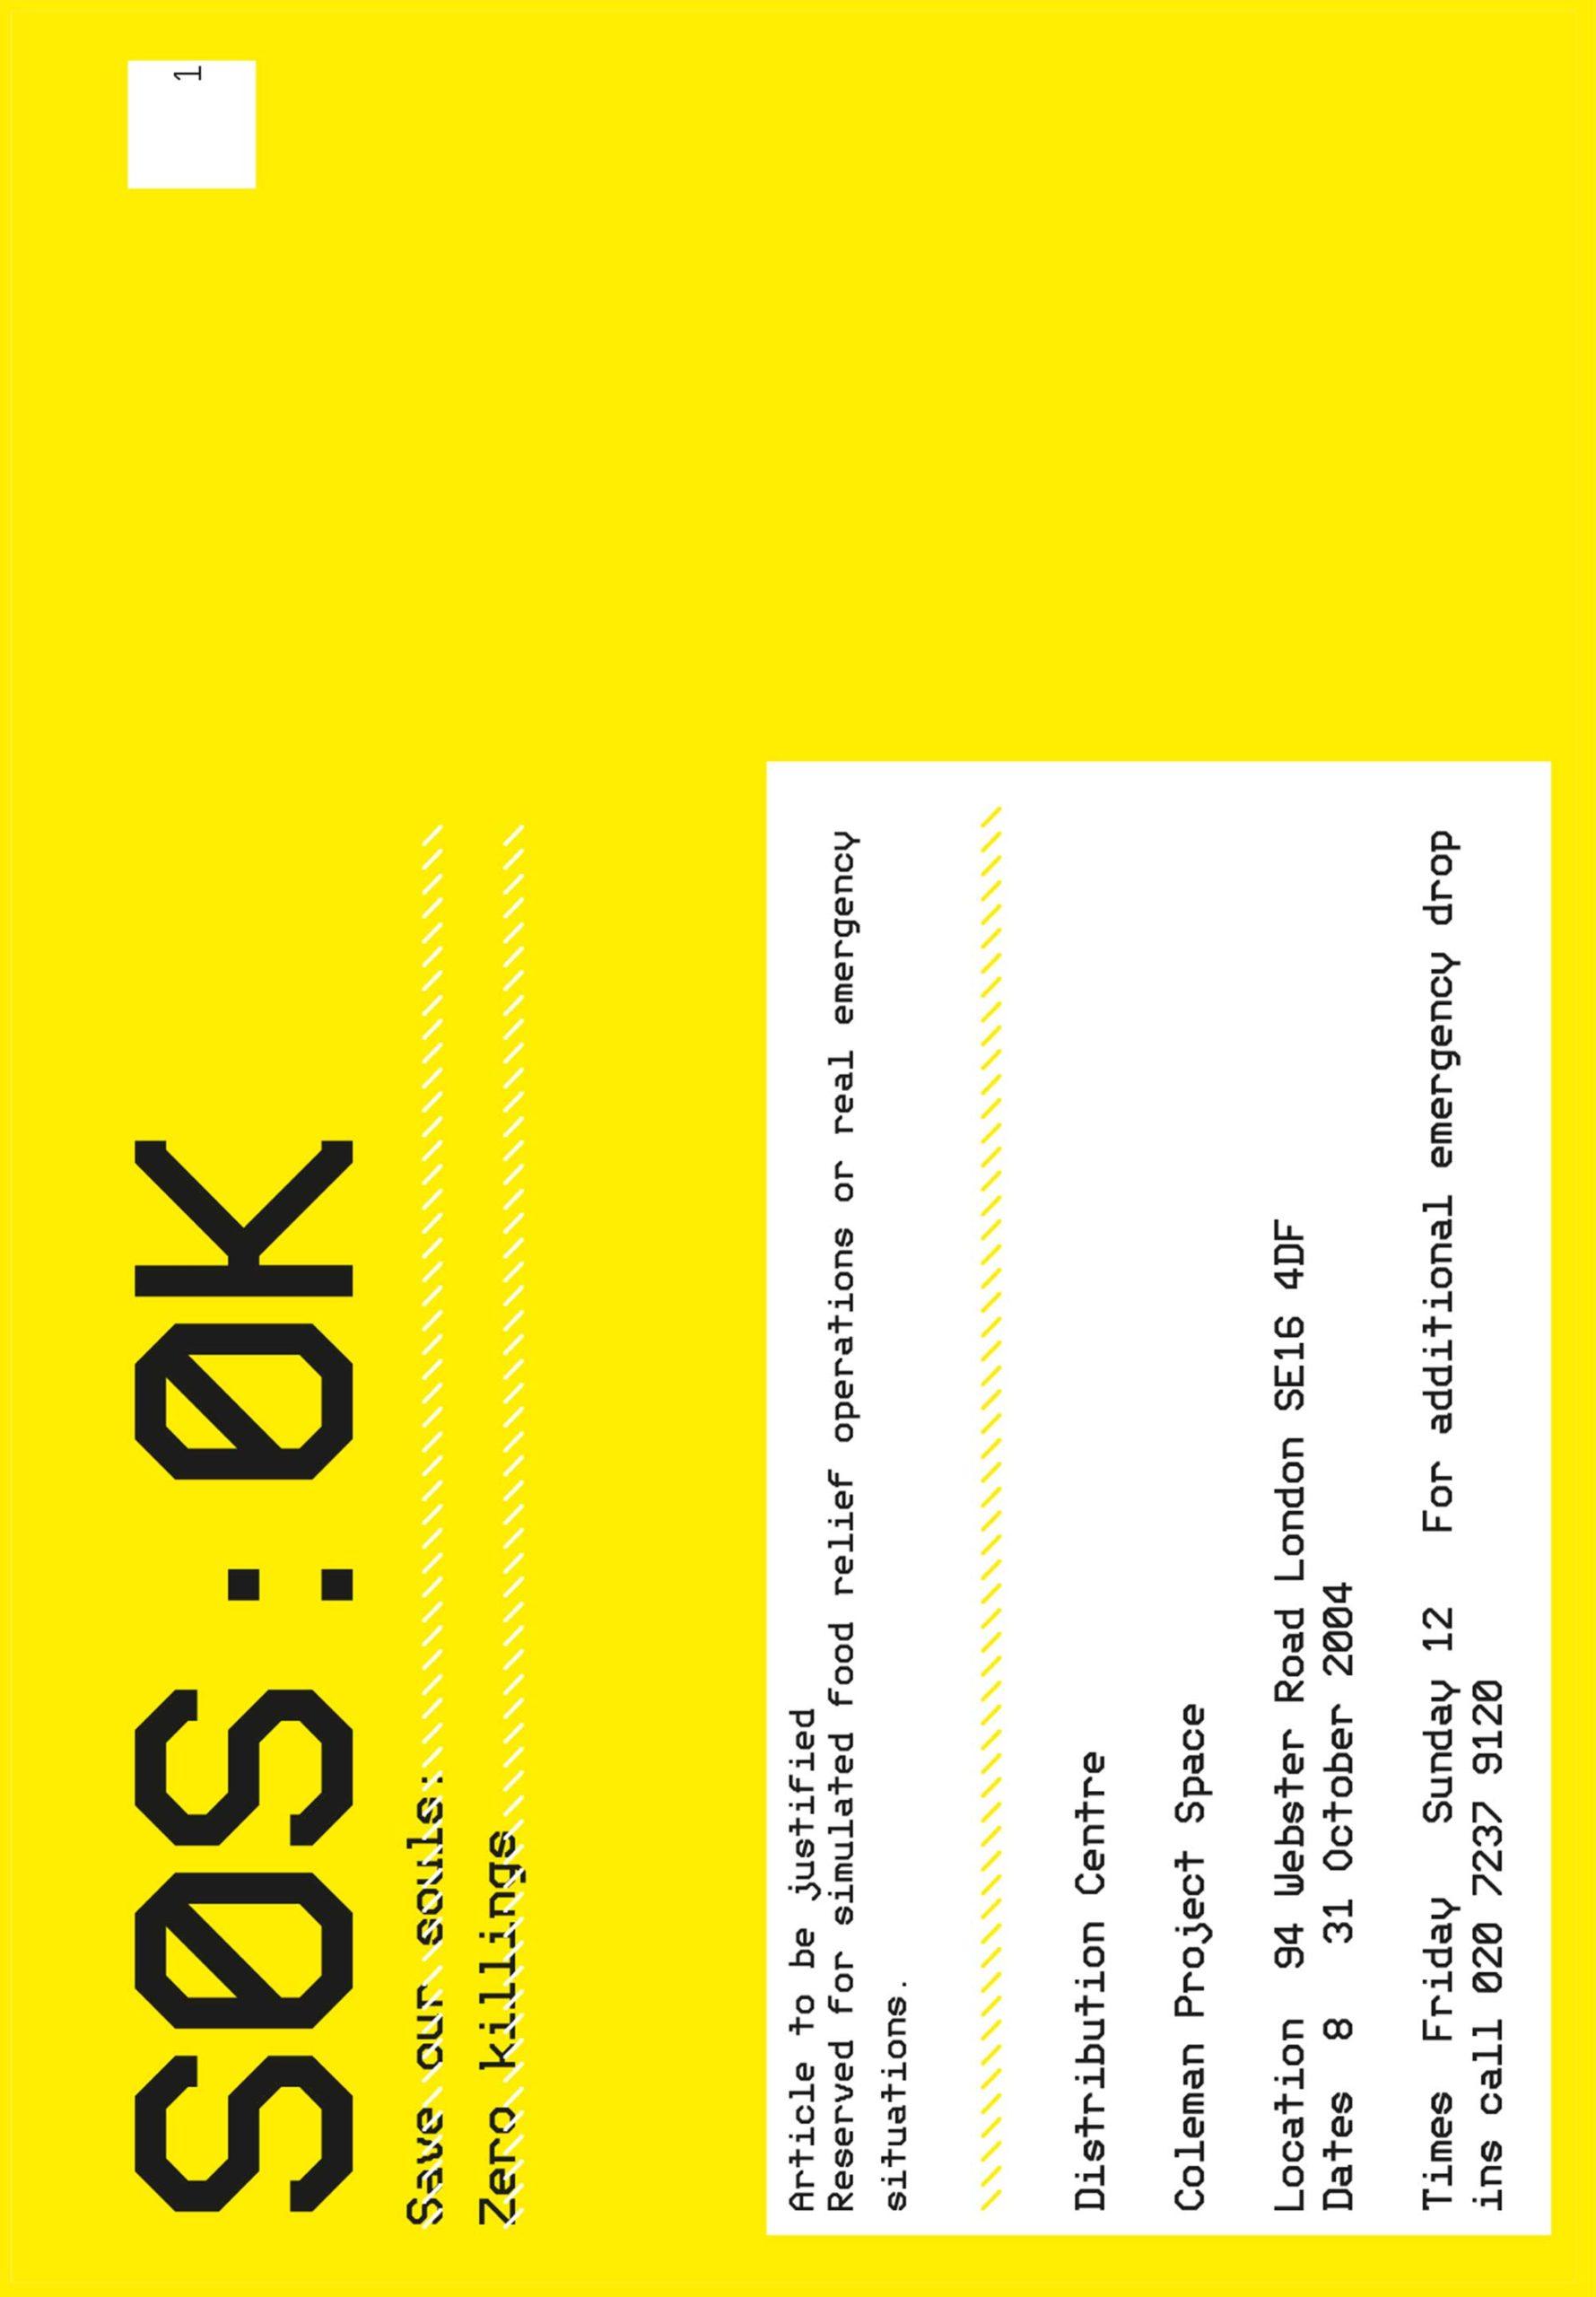 SOS-OK-guide-cover